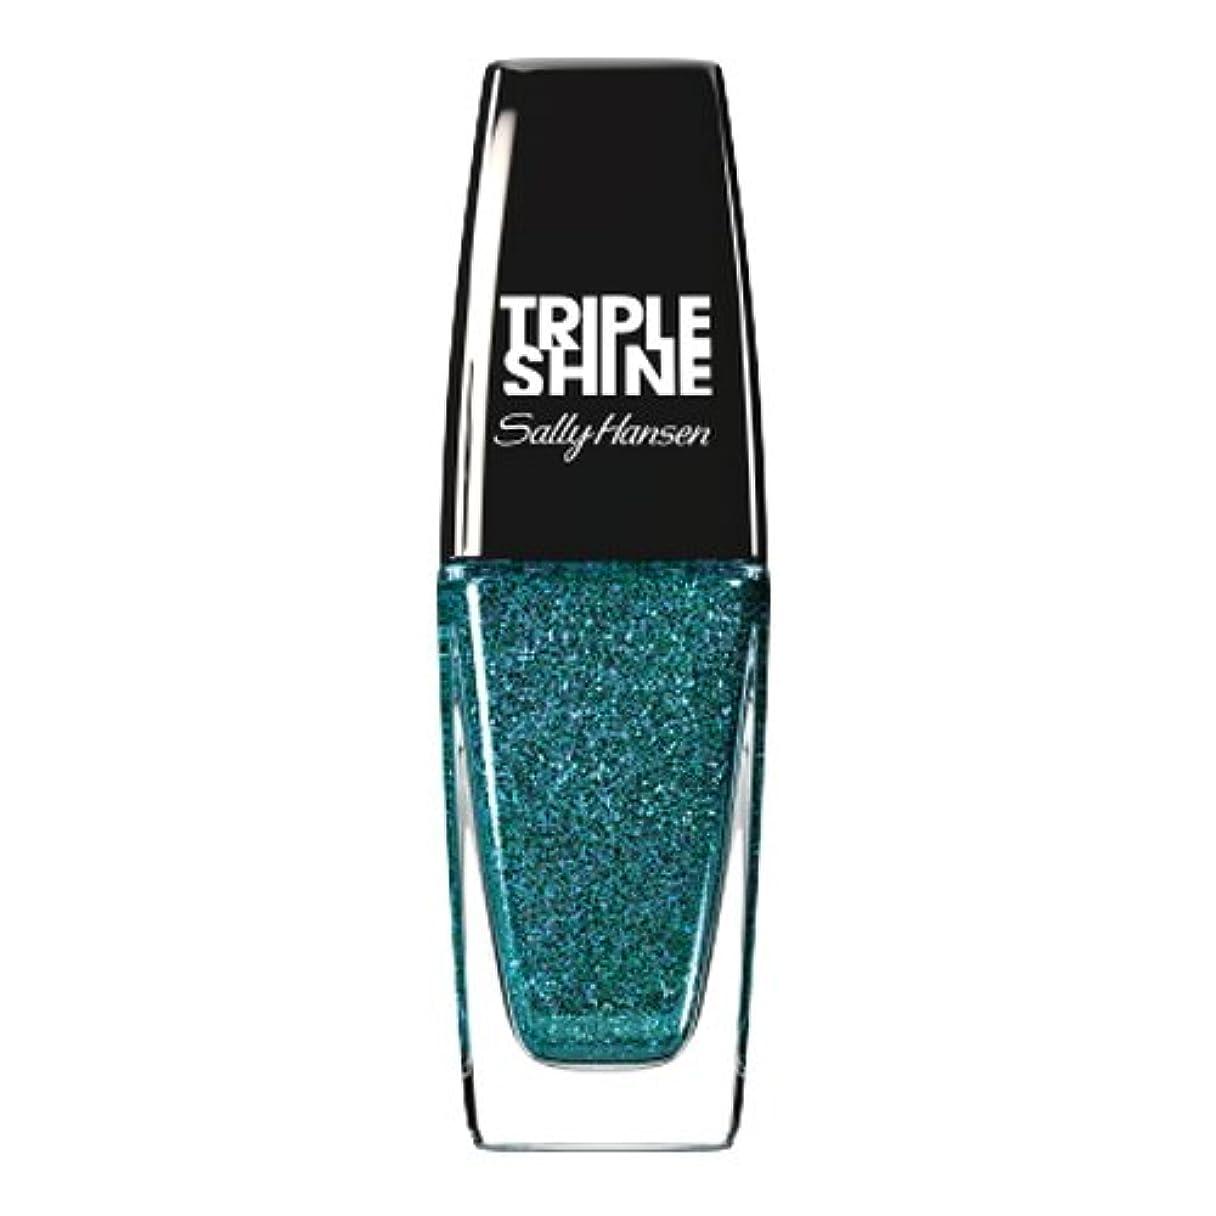 鮮やかな提唱する病なSALLY HANSEN Triple Shine Nail Polish - Sparkling Water (並行輸入品)